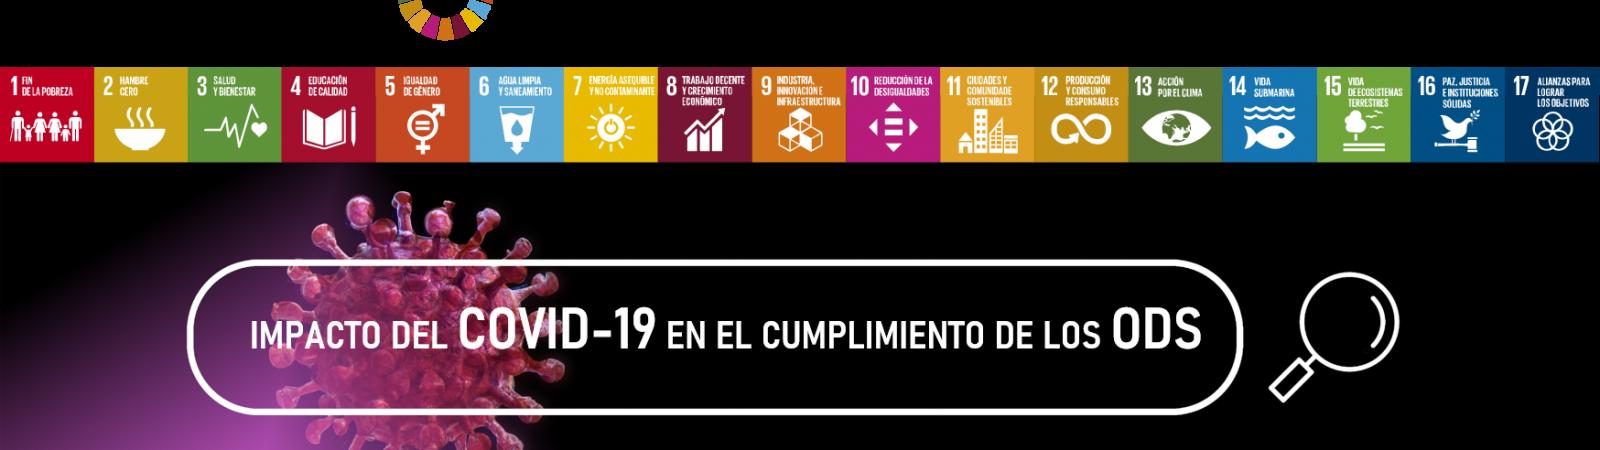 El programa 17 Retos lanza un cuestionario para evaluar los cambios que puede suponer la pandemia para cumplir con la Agenda 2030.